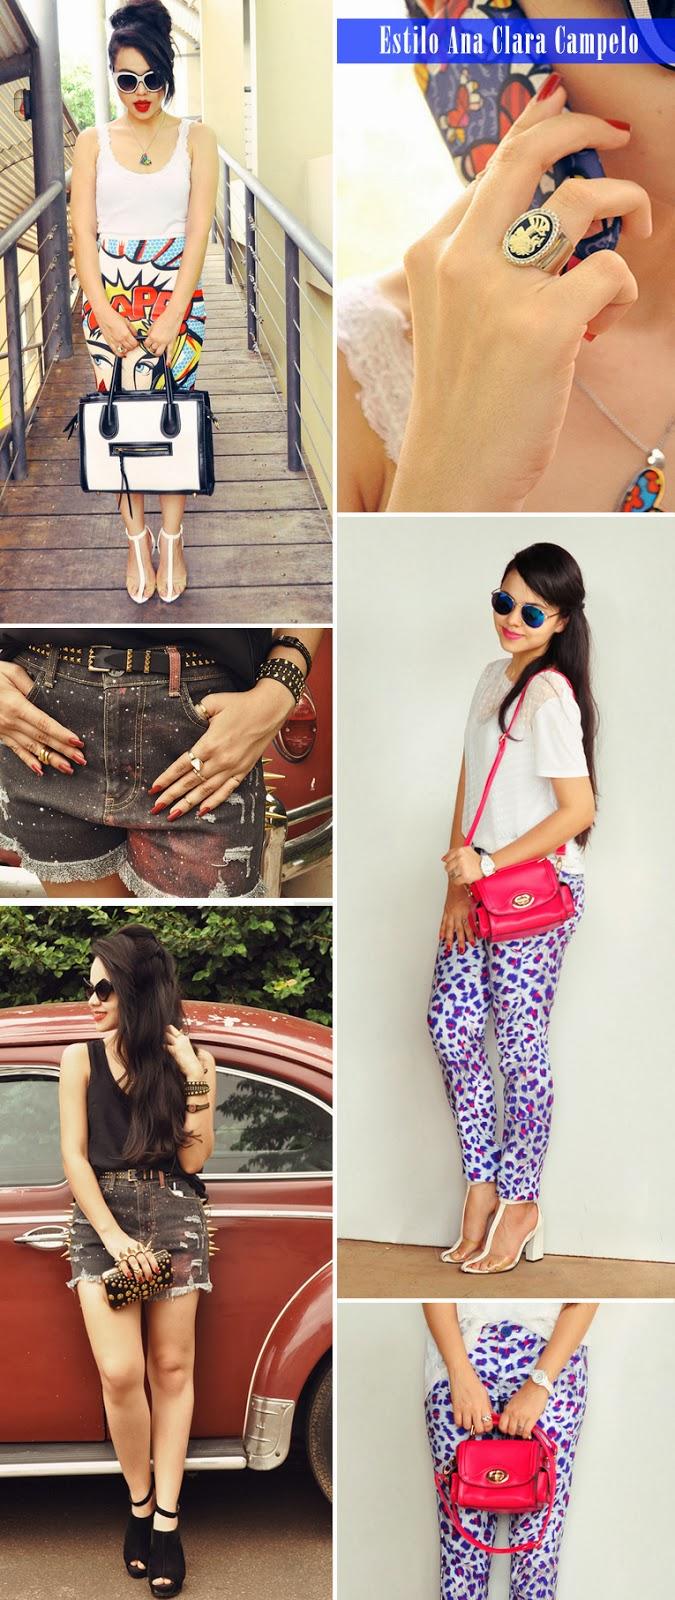 Blogger, blogueira, ana clara campelo, zebra trash, inspiração, moda, fashion, estilo